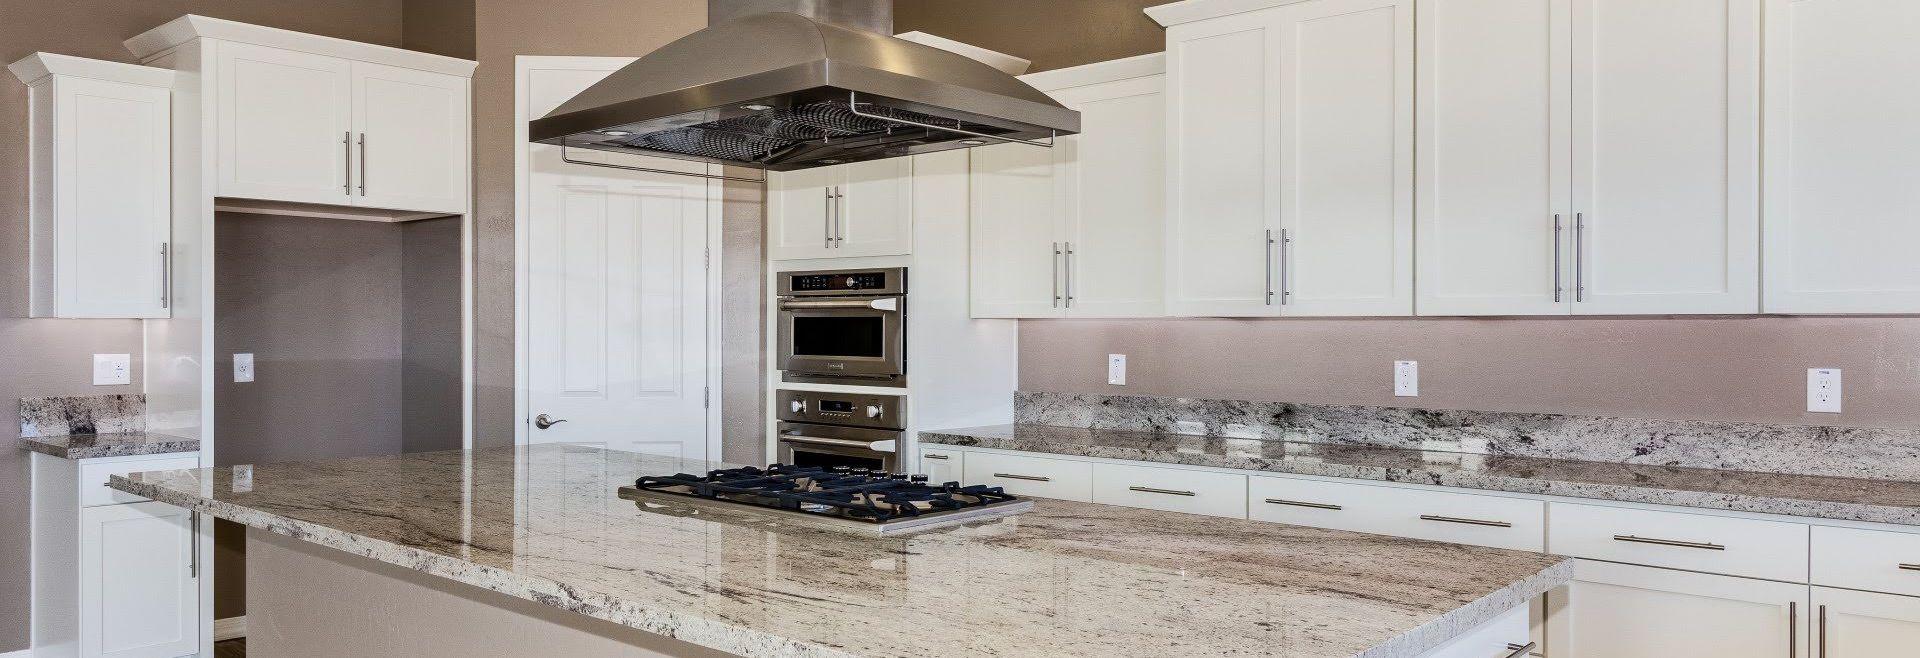 Homesite 6 Kitchen